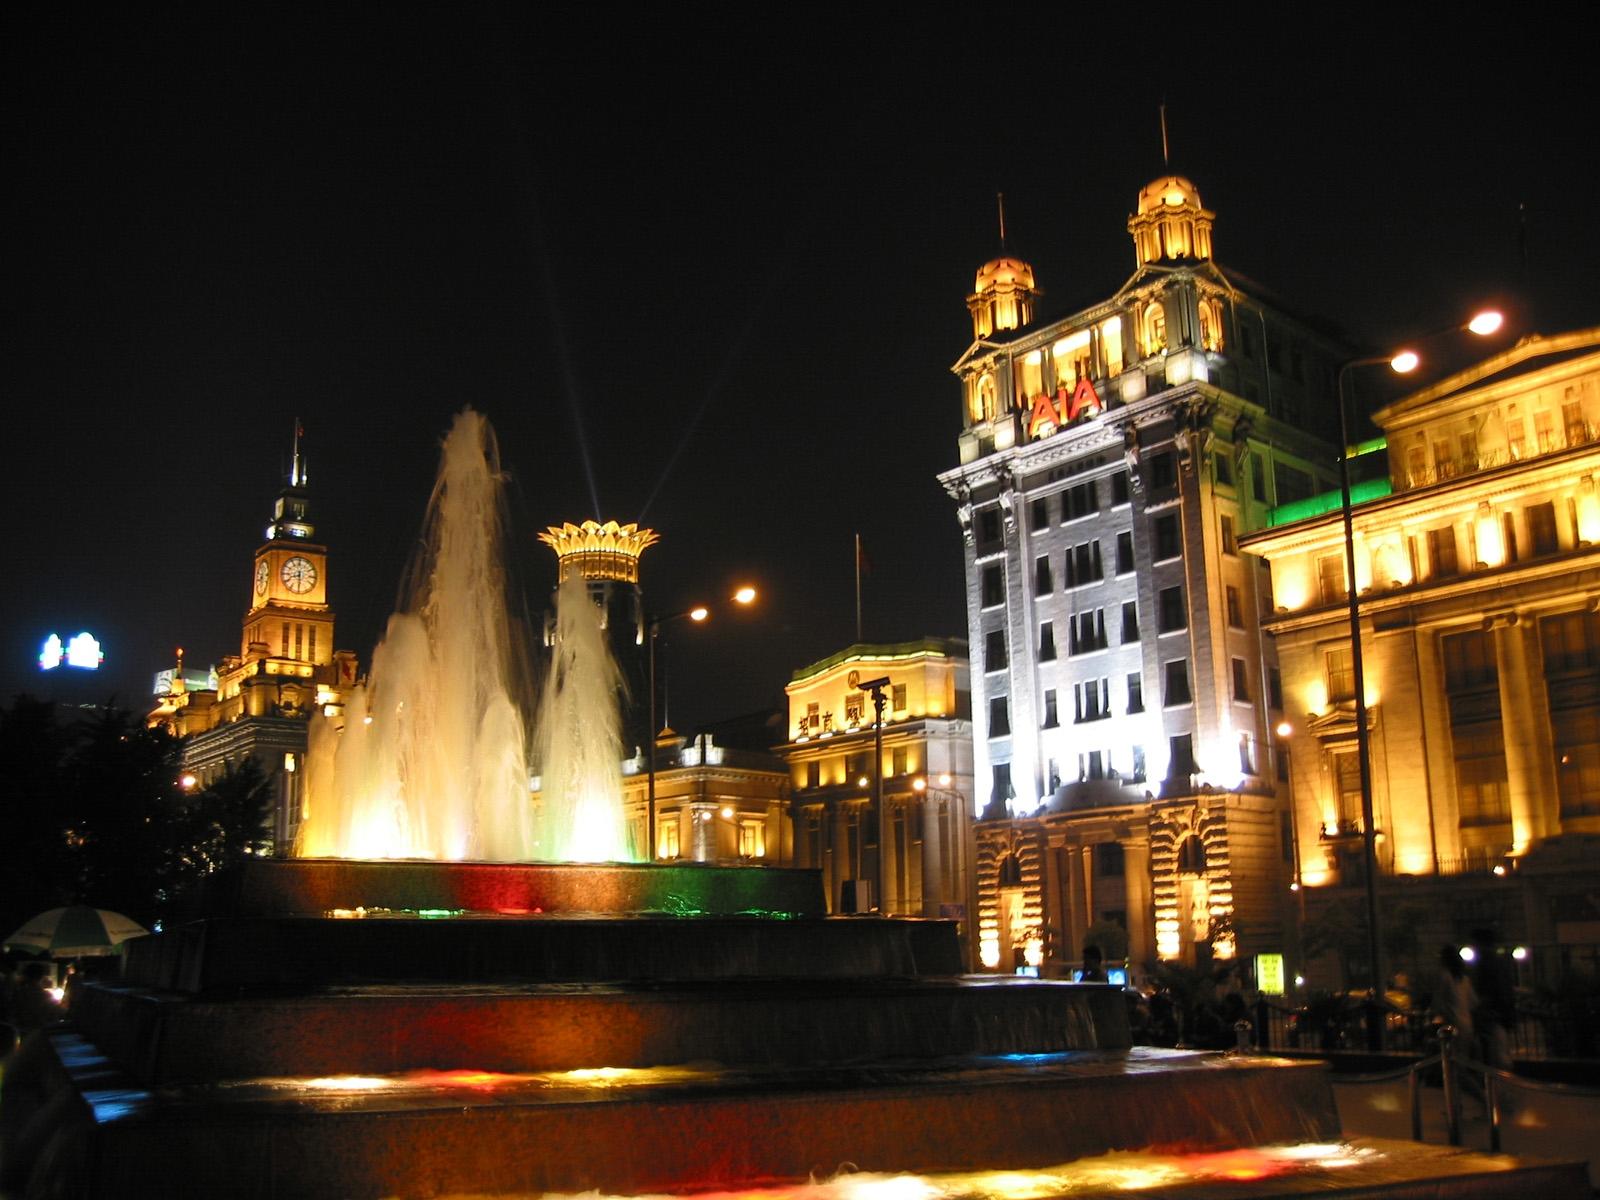 Wallpaper : Shanghai, bund, fountain